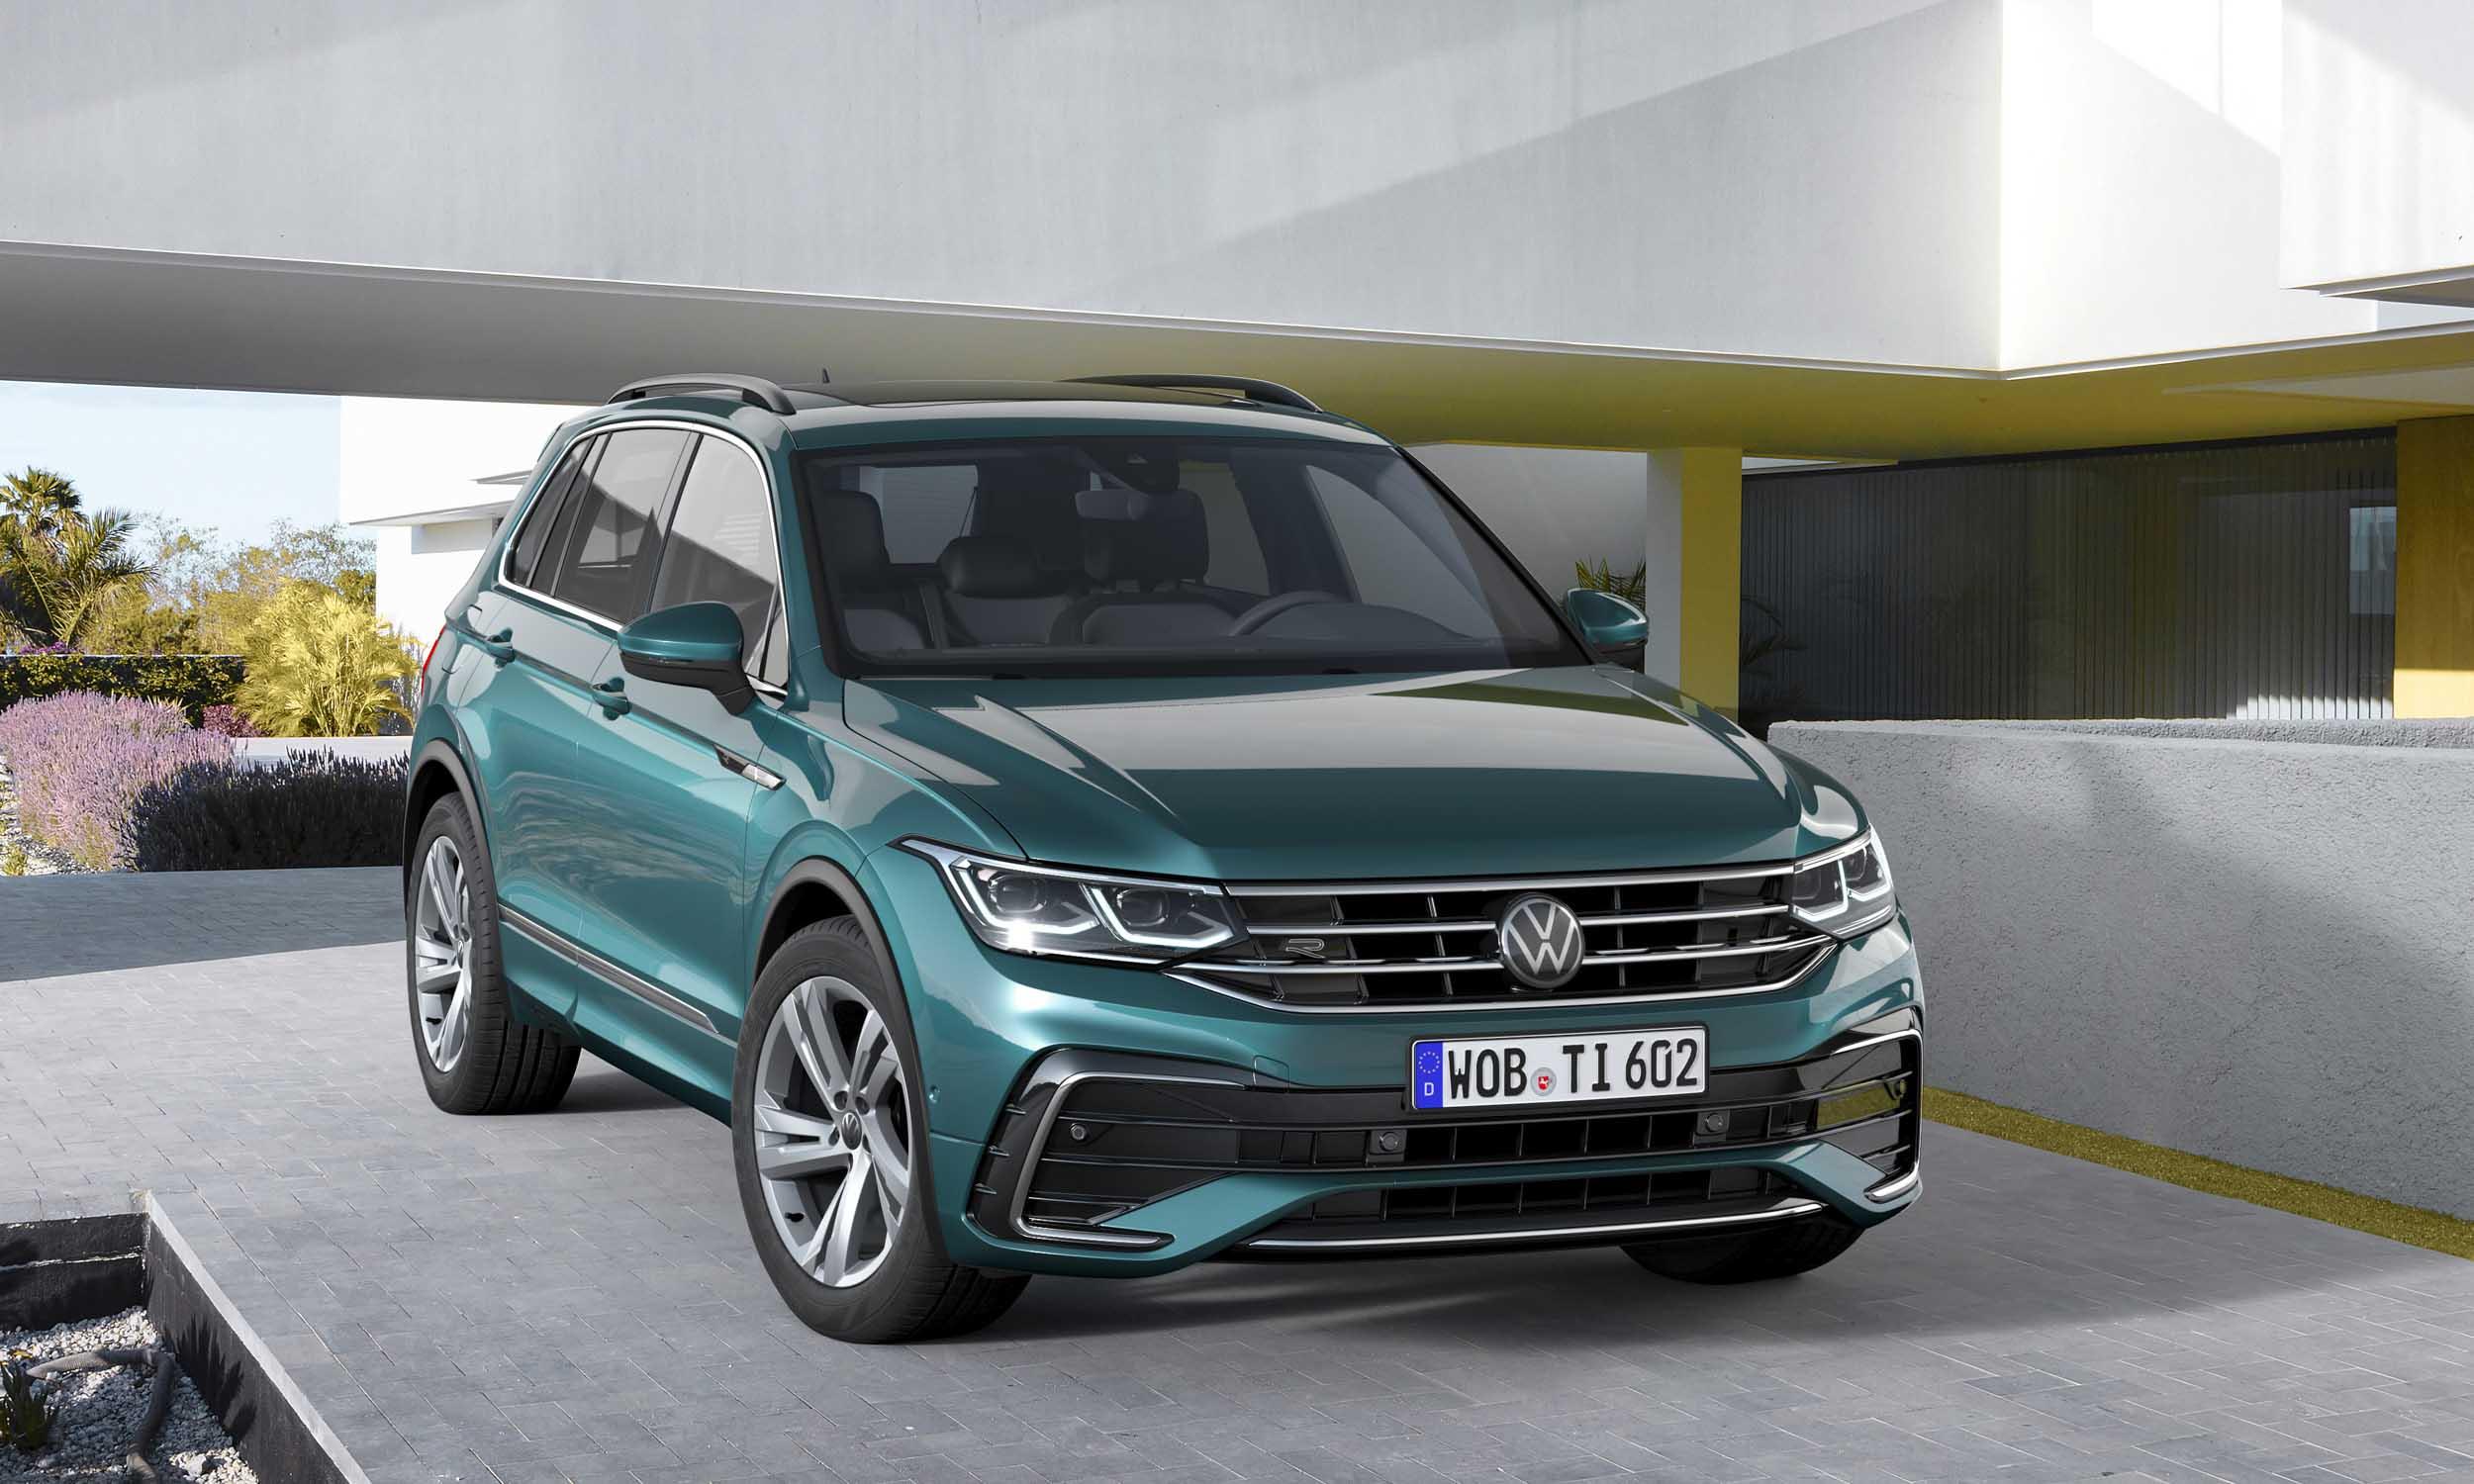 2022 Volkswagen Tiguan: First Look - » AutoNXT